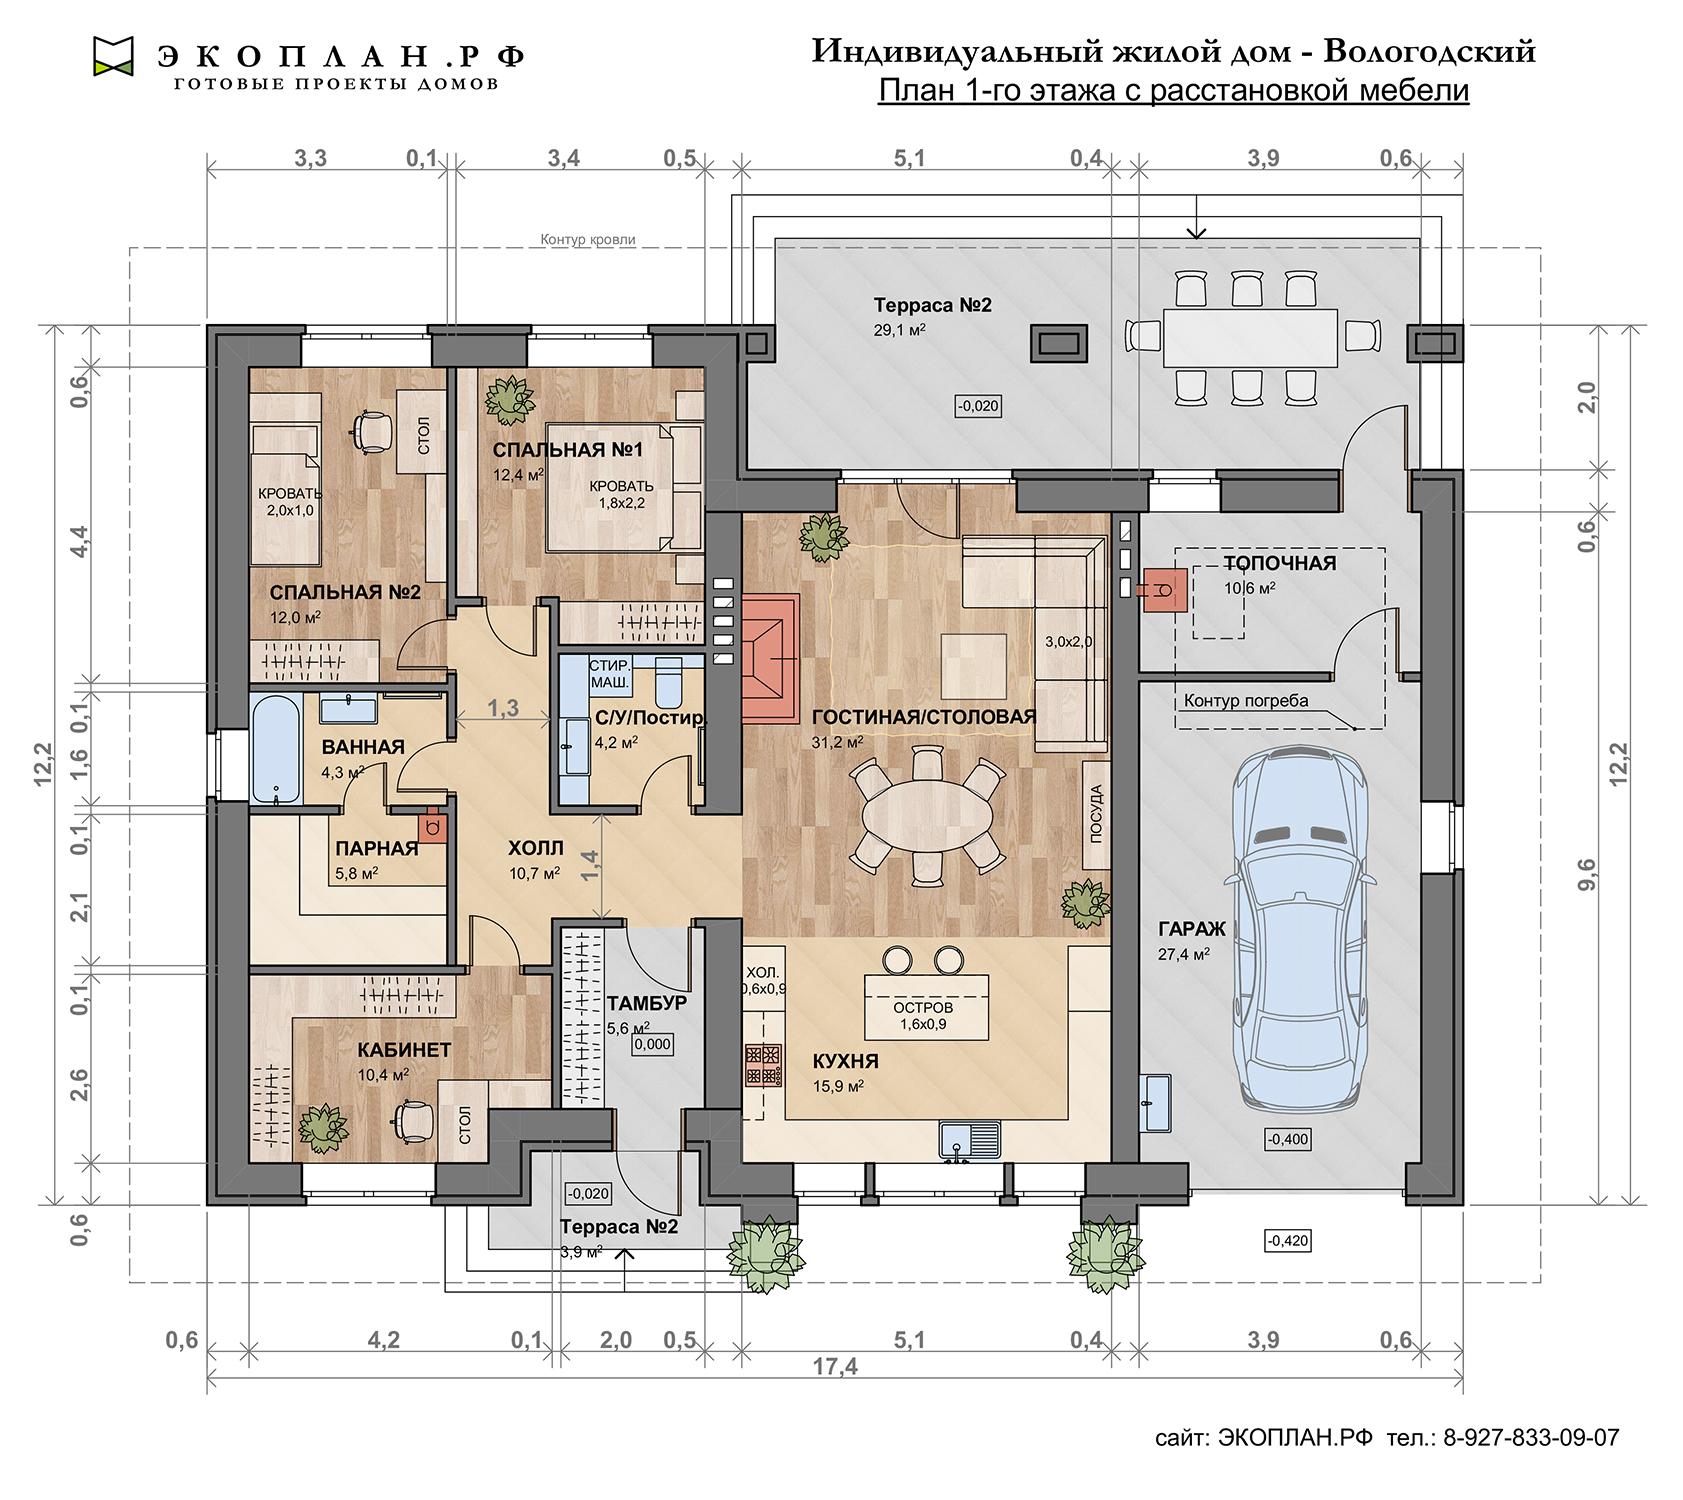 Вологодский - Готовый проект дома - Экоплан план